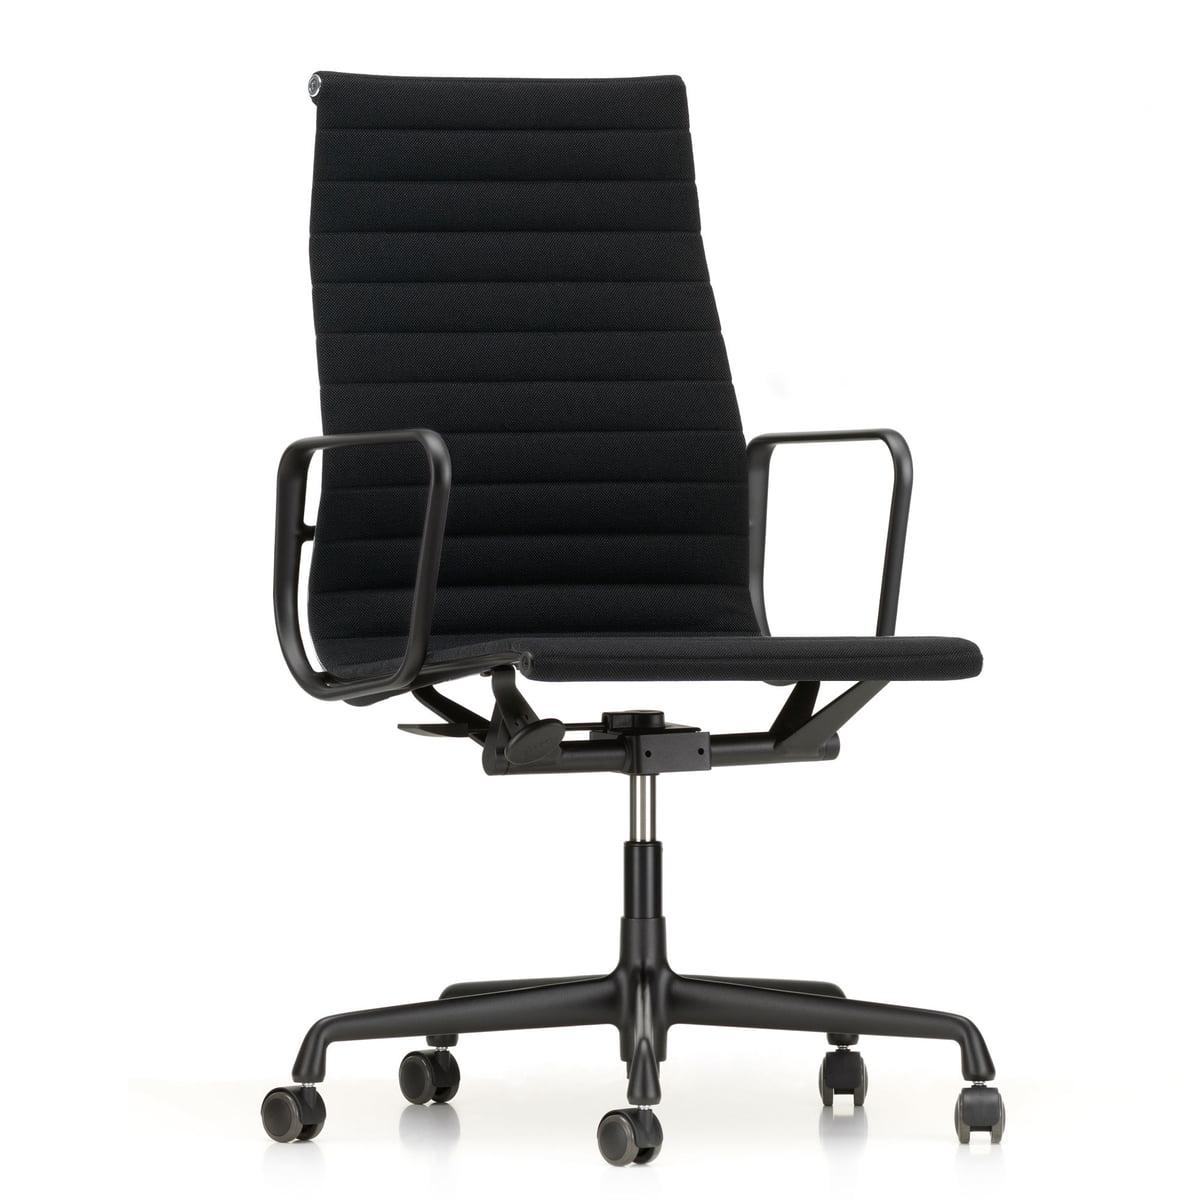 Vitra - EA 119 Bürostuhl beschichtet tiefschwarz mit Armlehnen, drehbar, Hopsak nero (Hartbodenrollen)   Büro > Bürostühle und Sessel  > Bürostühle   Schwarz   Vitra